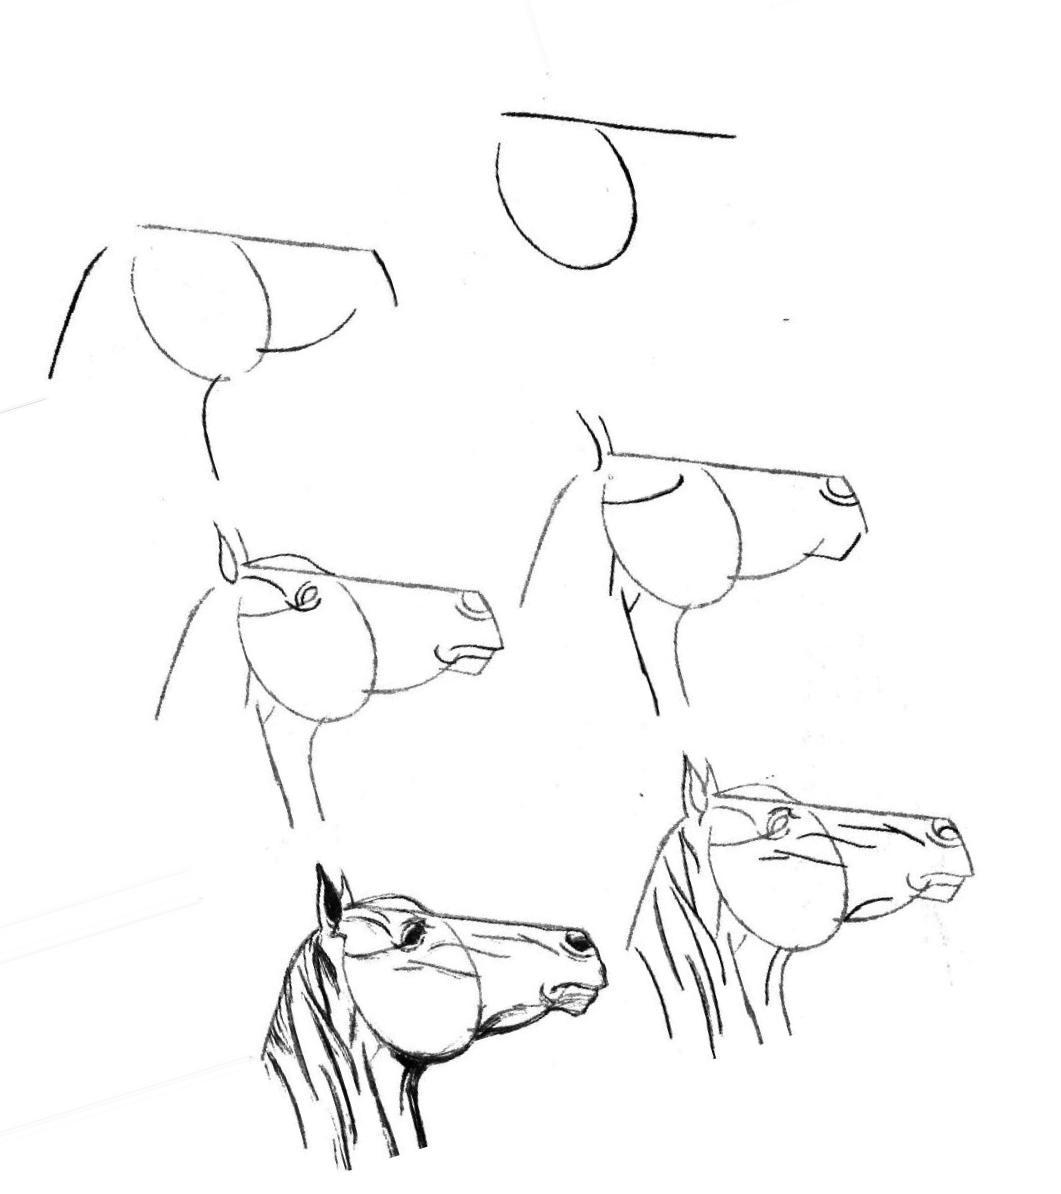 Торговли, рисунки для срисовки легкие и красивые картинки для начинающих поэтапно